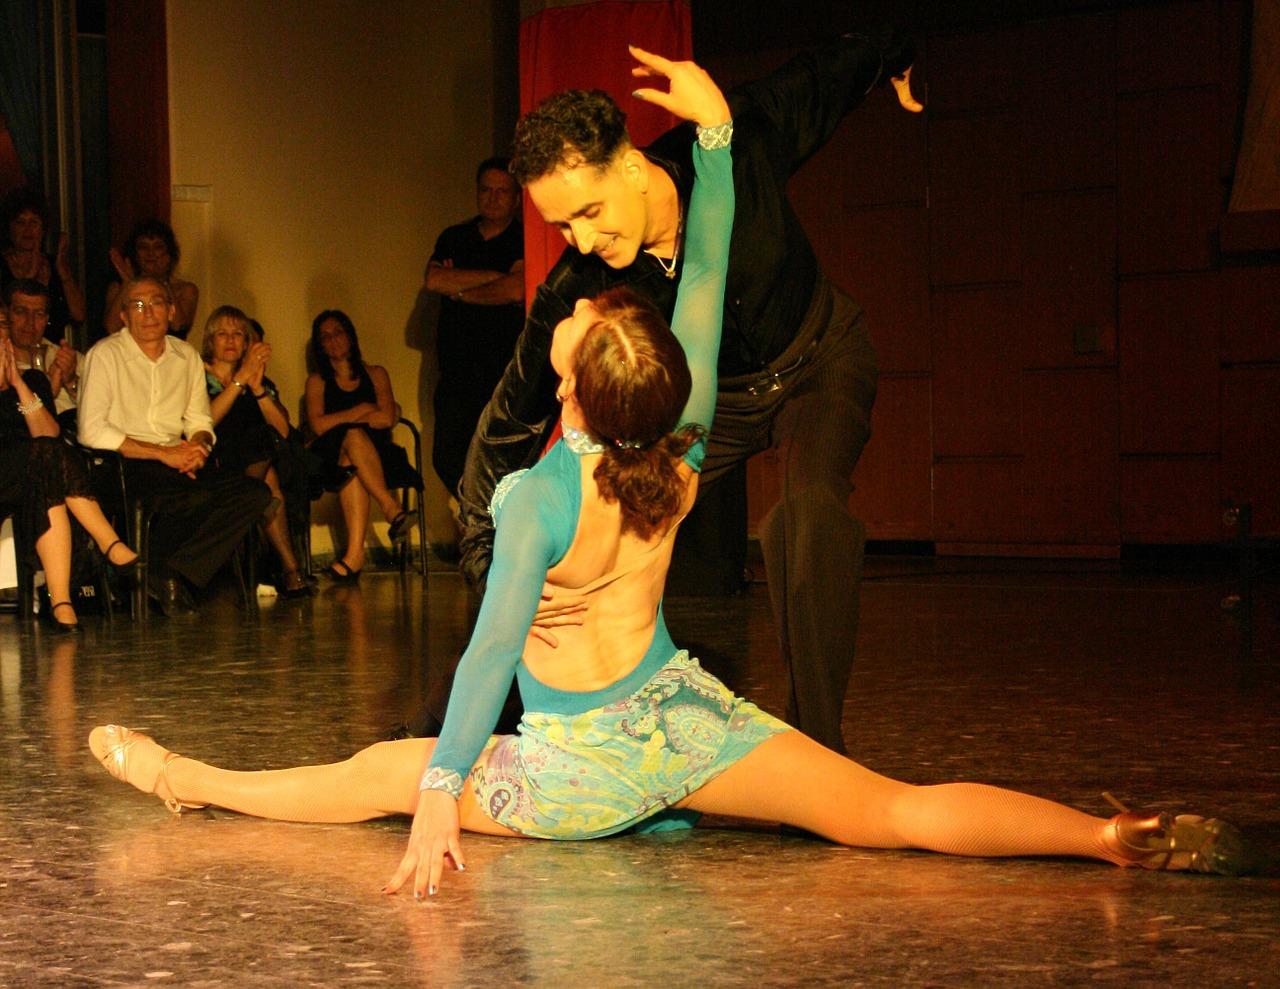 グローバルな大人の趣味「社交ダンス」は何歳からでも始められる達成感満載のスポーツ